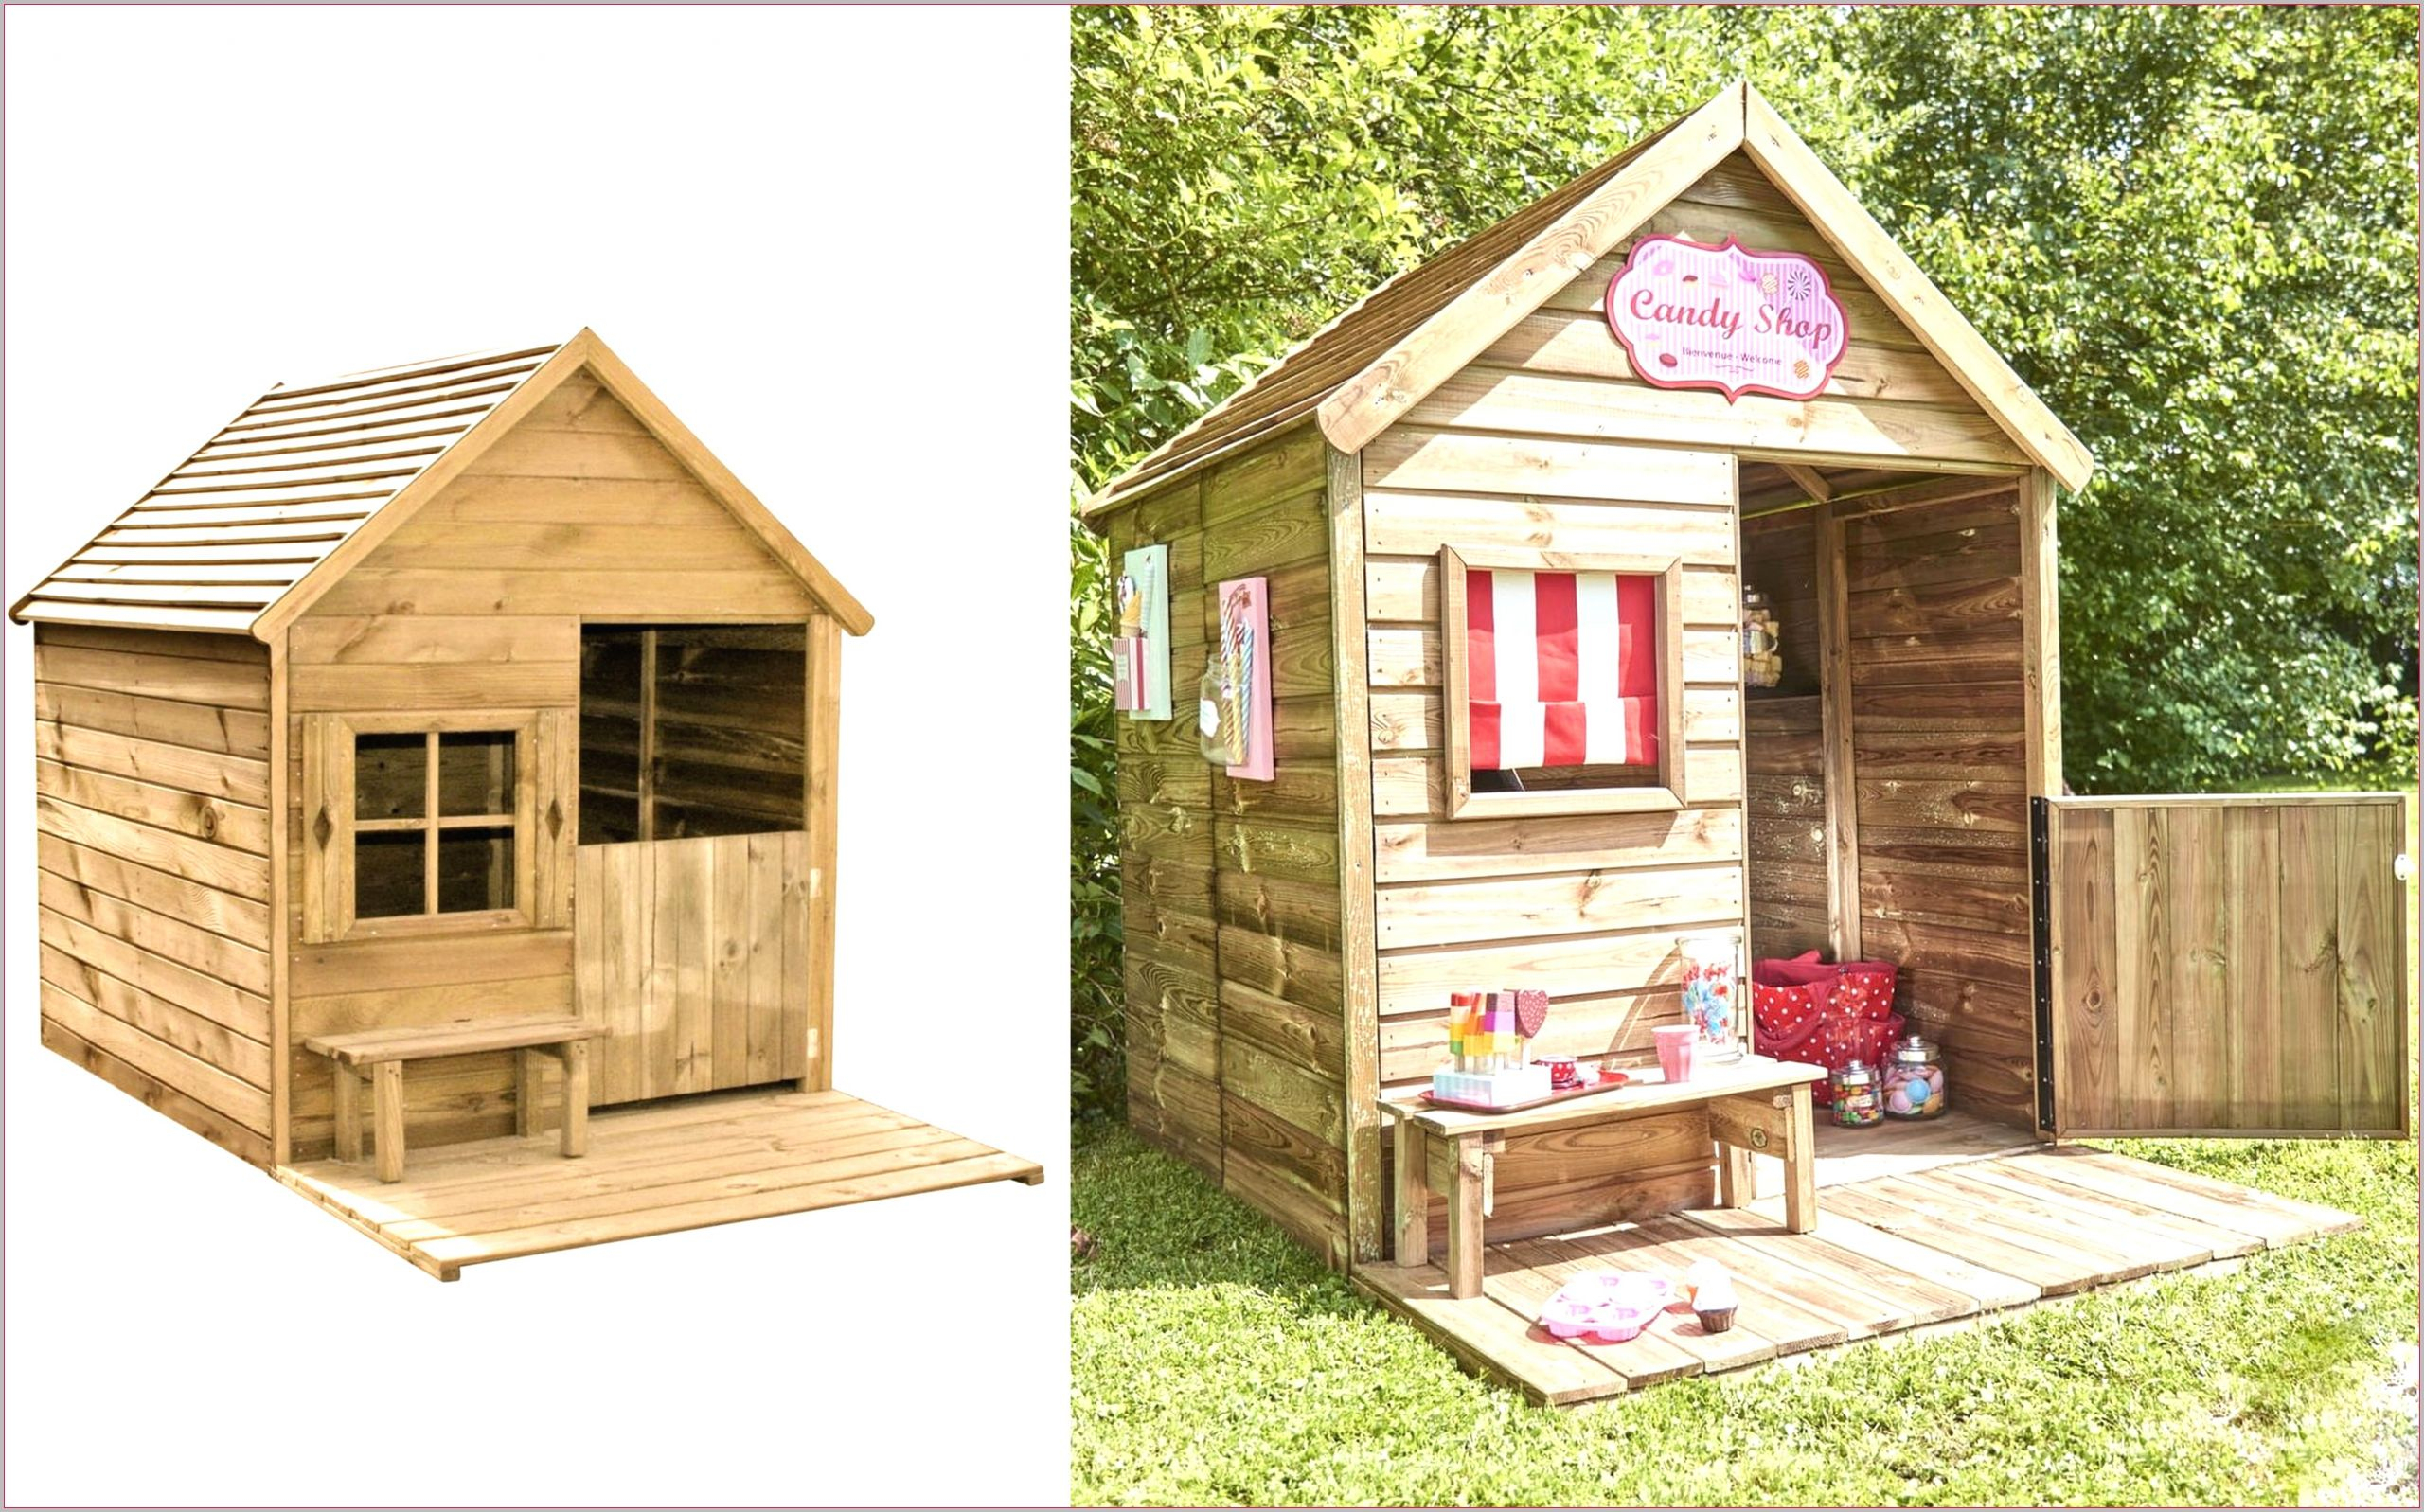 Cabane De Jardin En Bois Pas Cher Schème - Idees Conception ... tout Cabane De Jardin Enfant Pas Cher